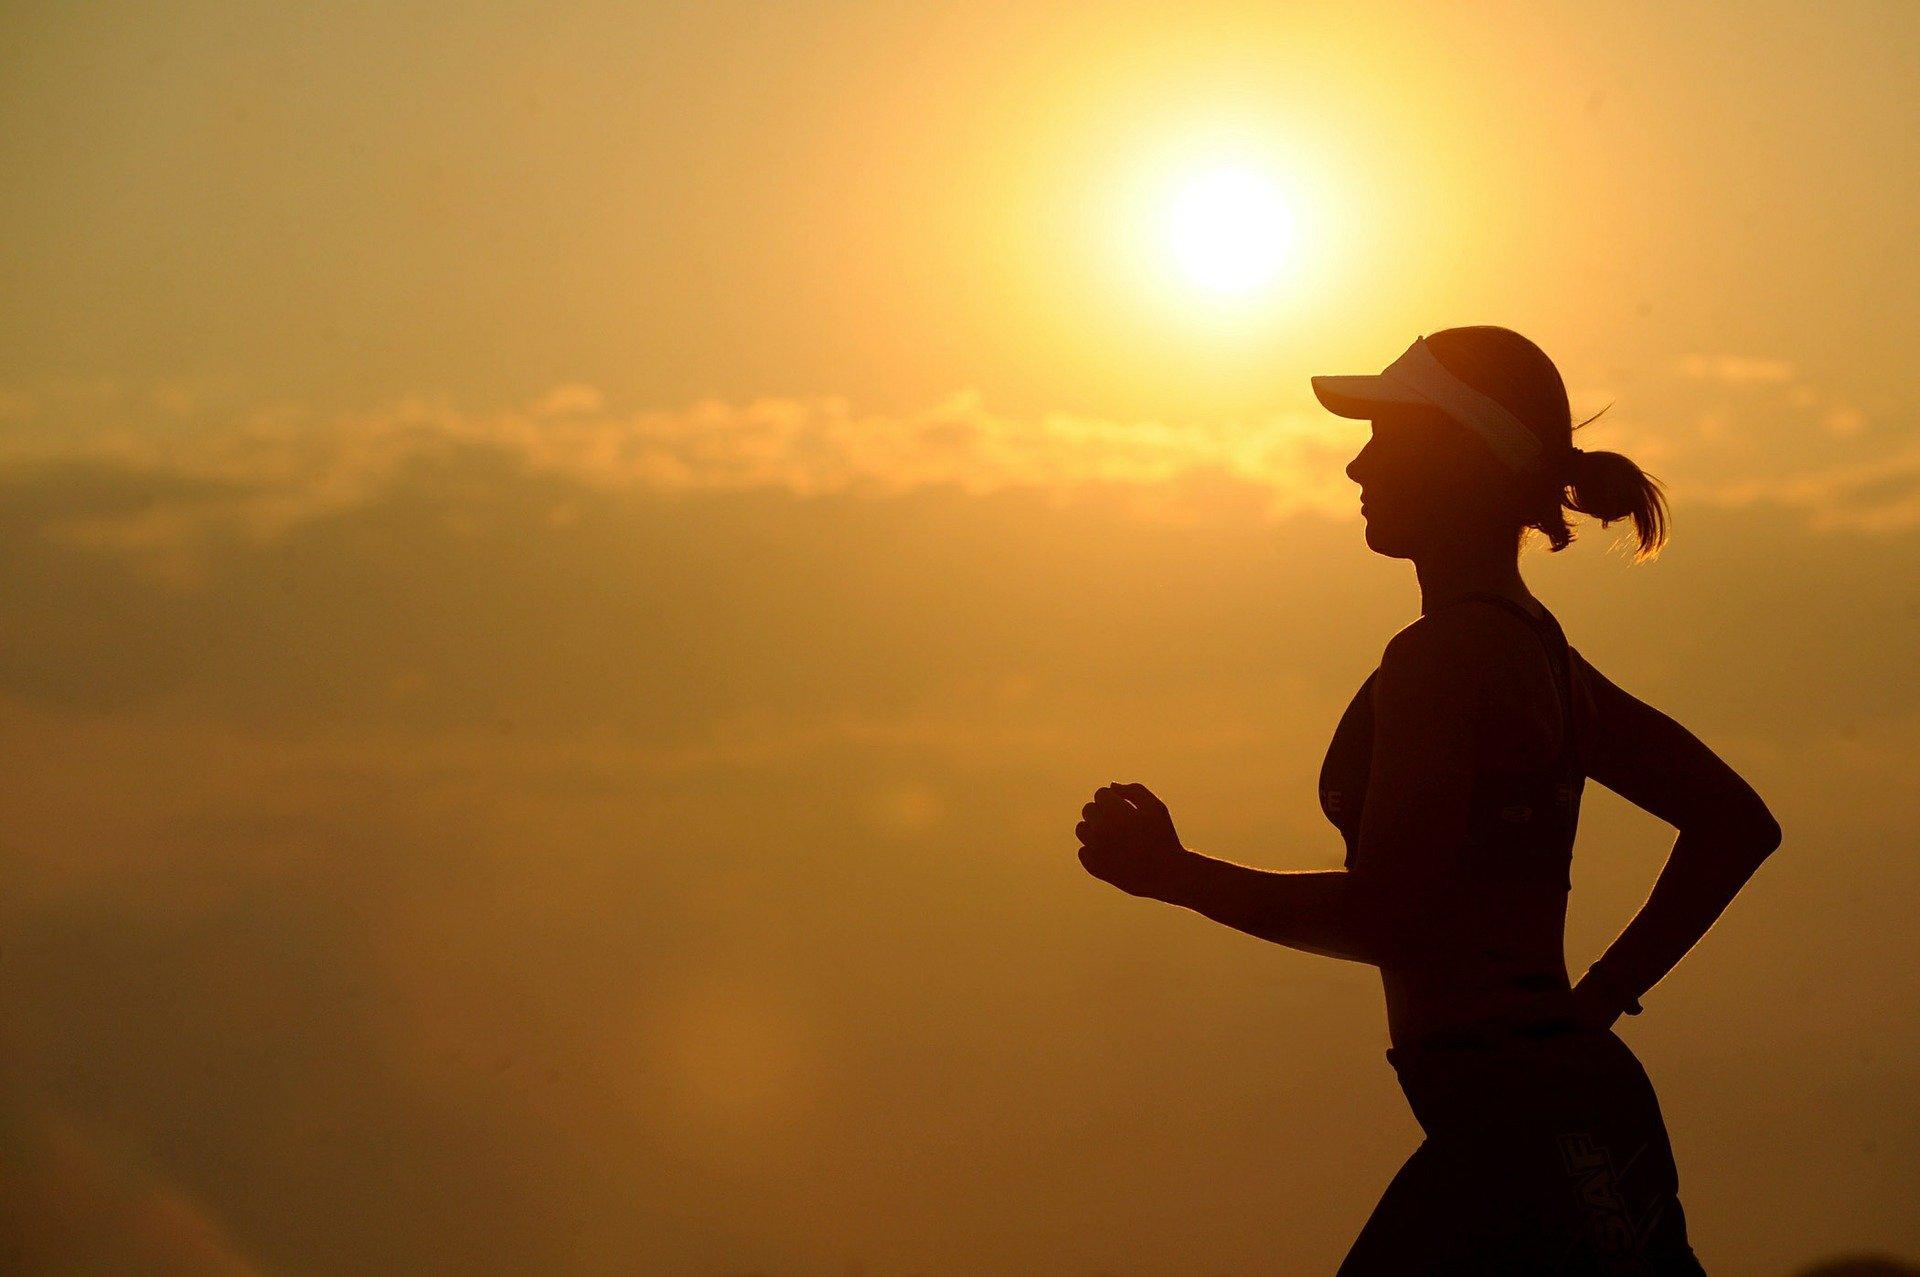 Une femme qui court | Source : Pixabay